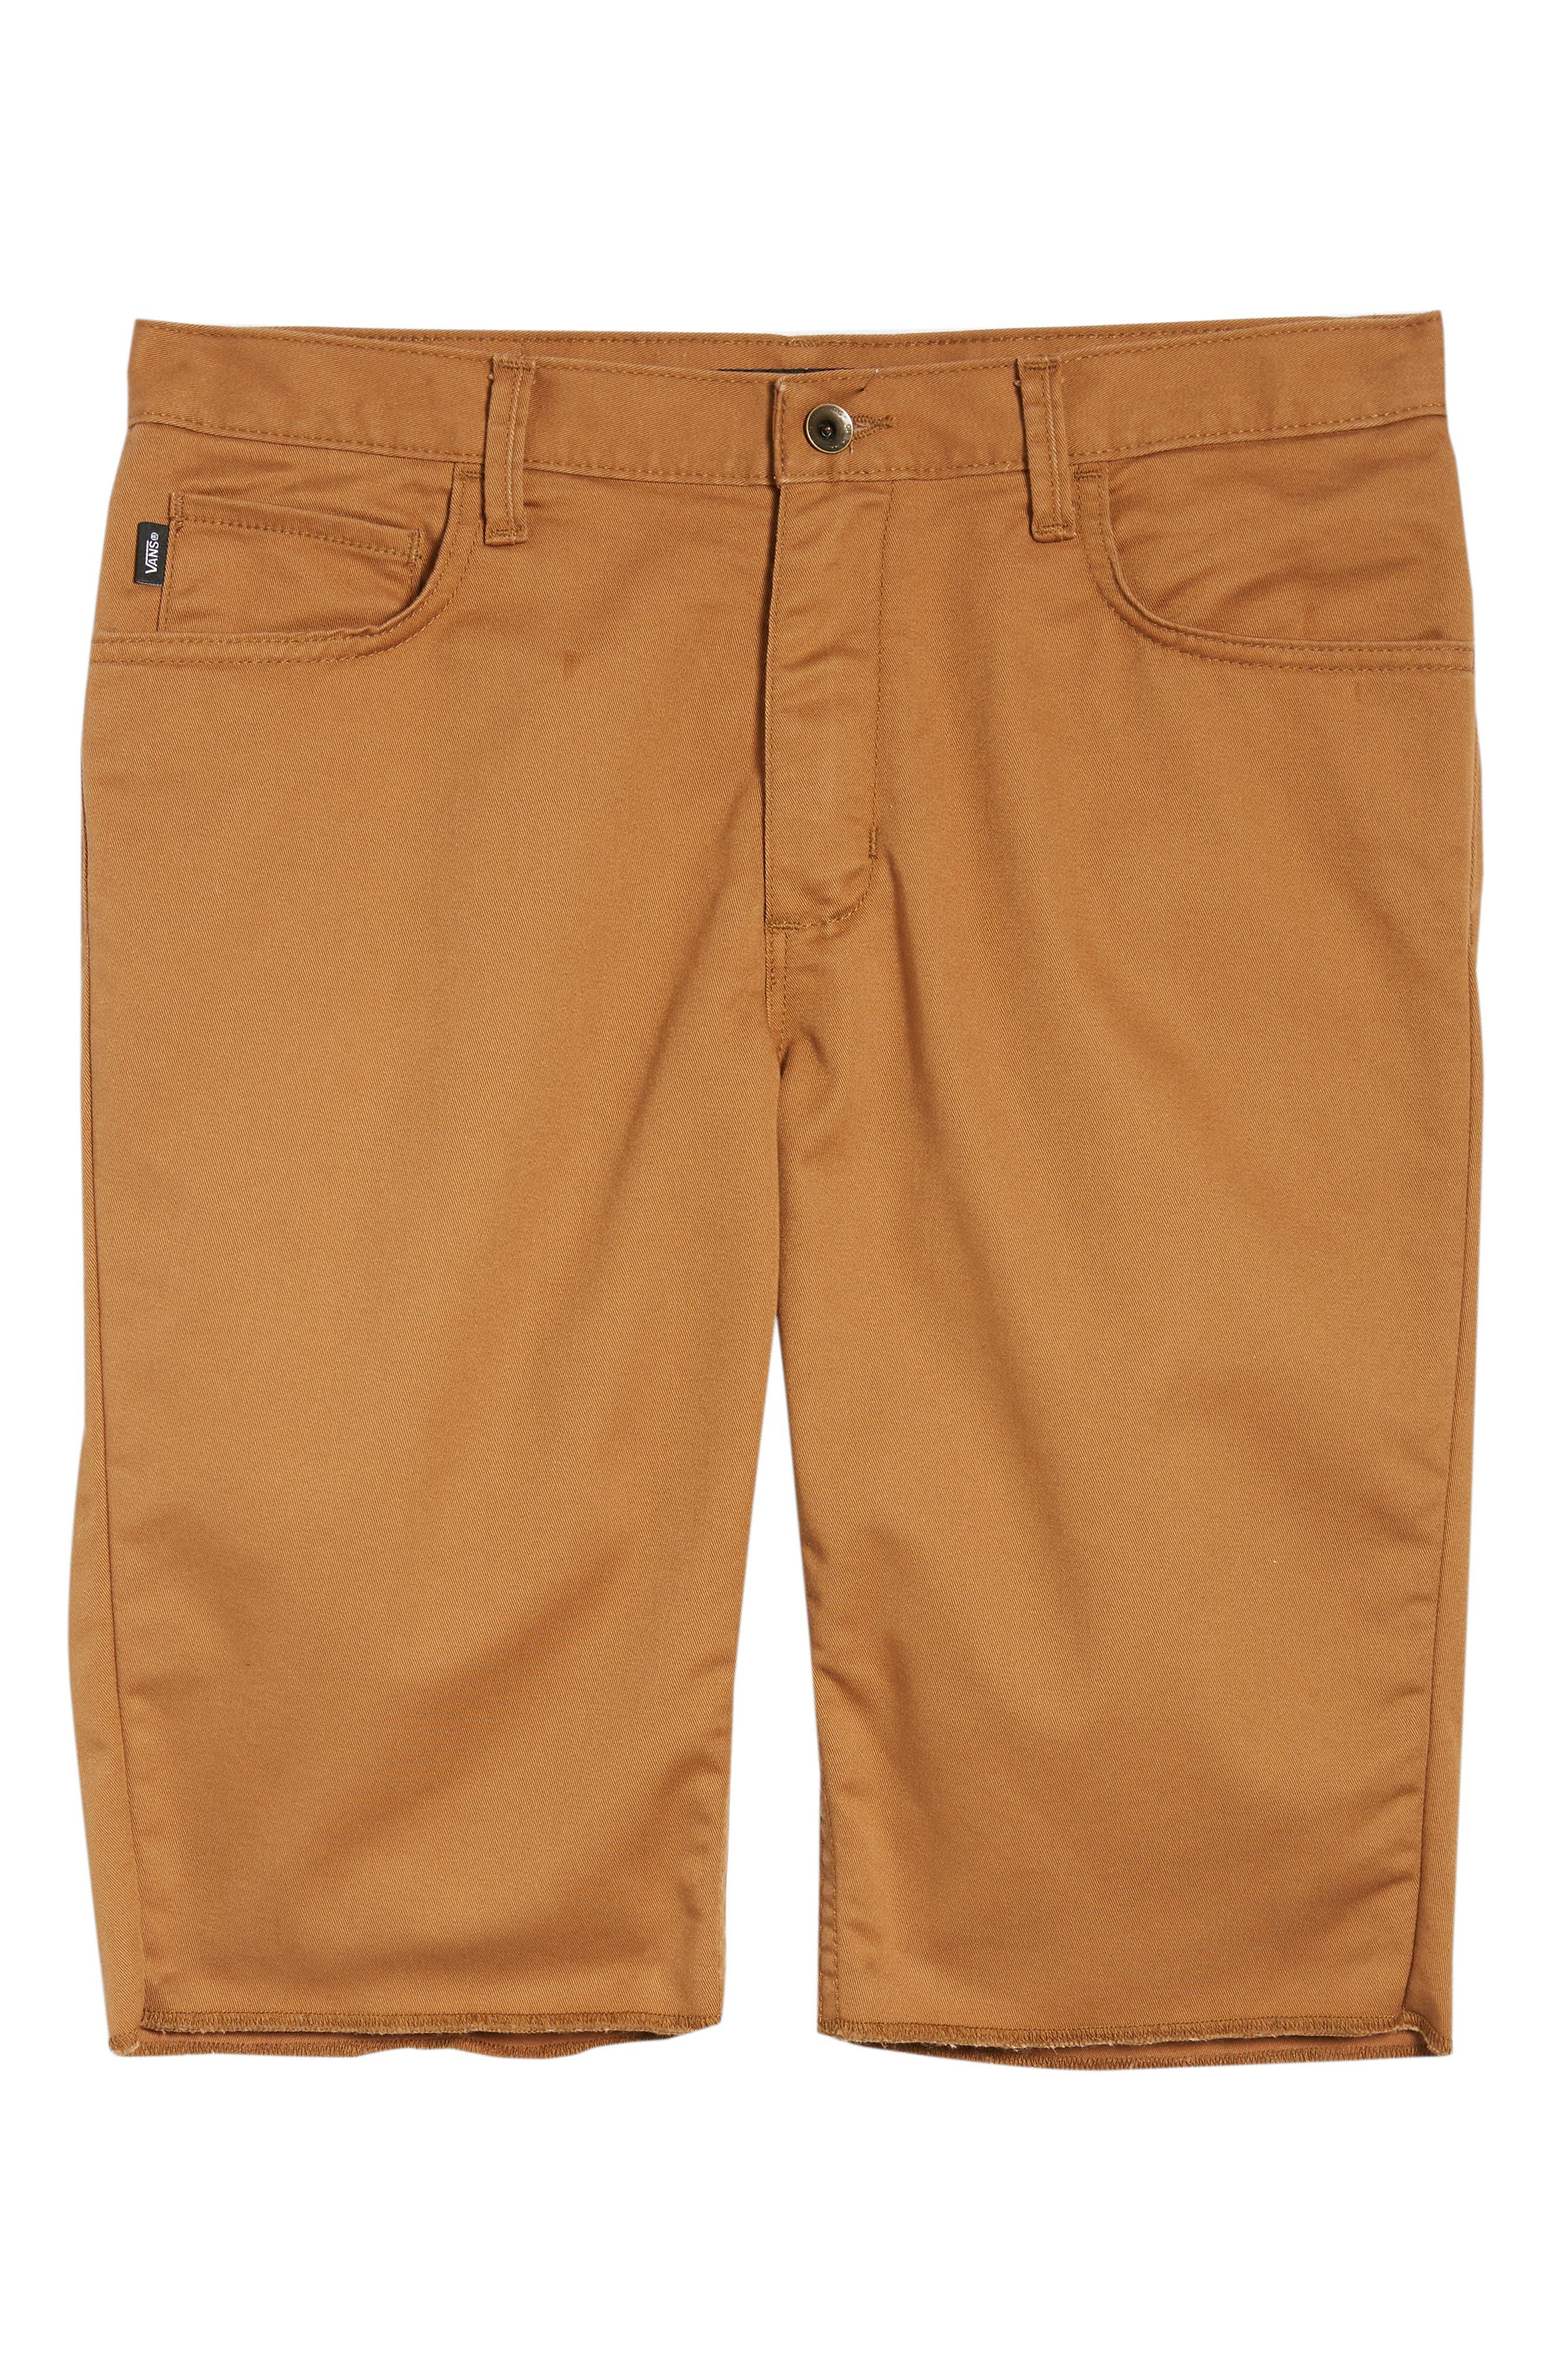 AV Covina Shorts,                             Alternate thumbnail 6, color,                             200